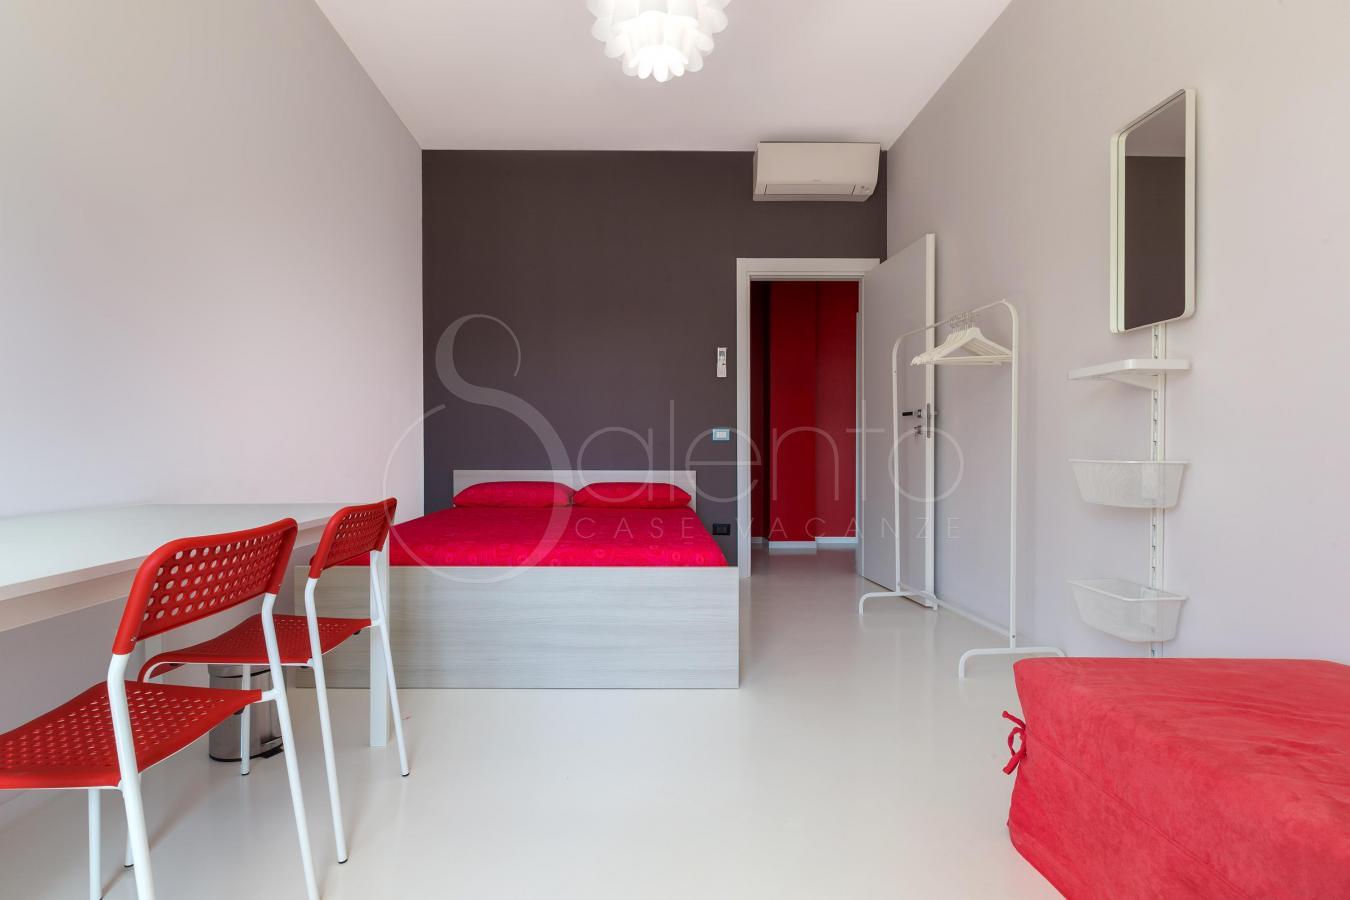 Casa per vacanze in centro a gallipoli appartamento for Corso grafica roma